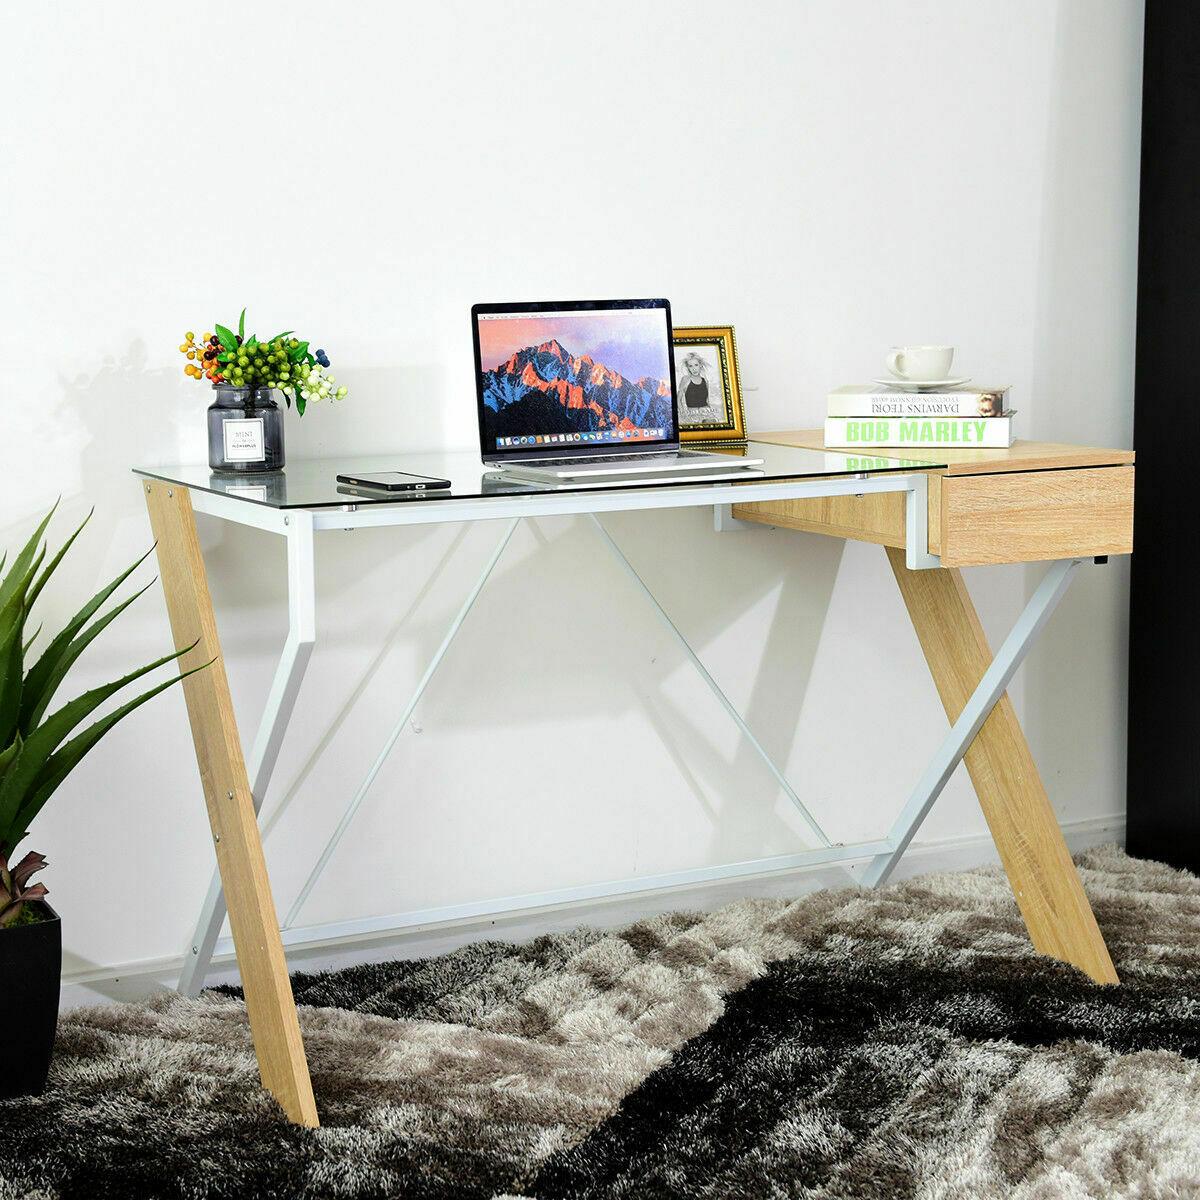 Giantex ordinateur bureau table d'ordinateur portable en verre Top bois métal cadre maison bureau meubles nouveau Commercial meubles HW52843